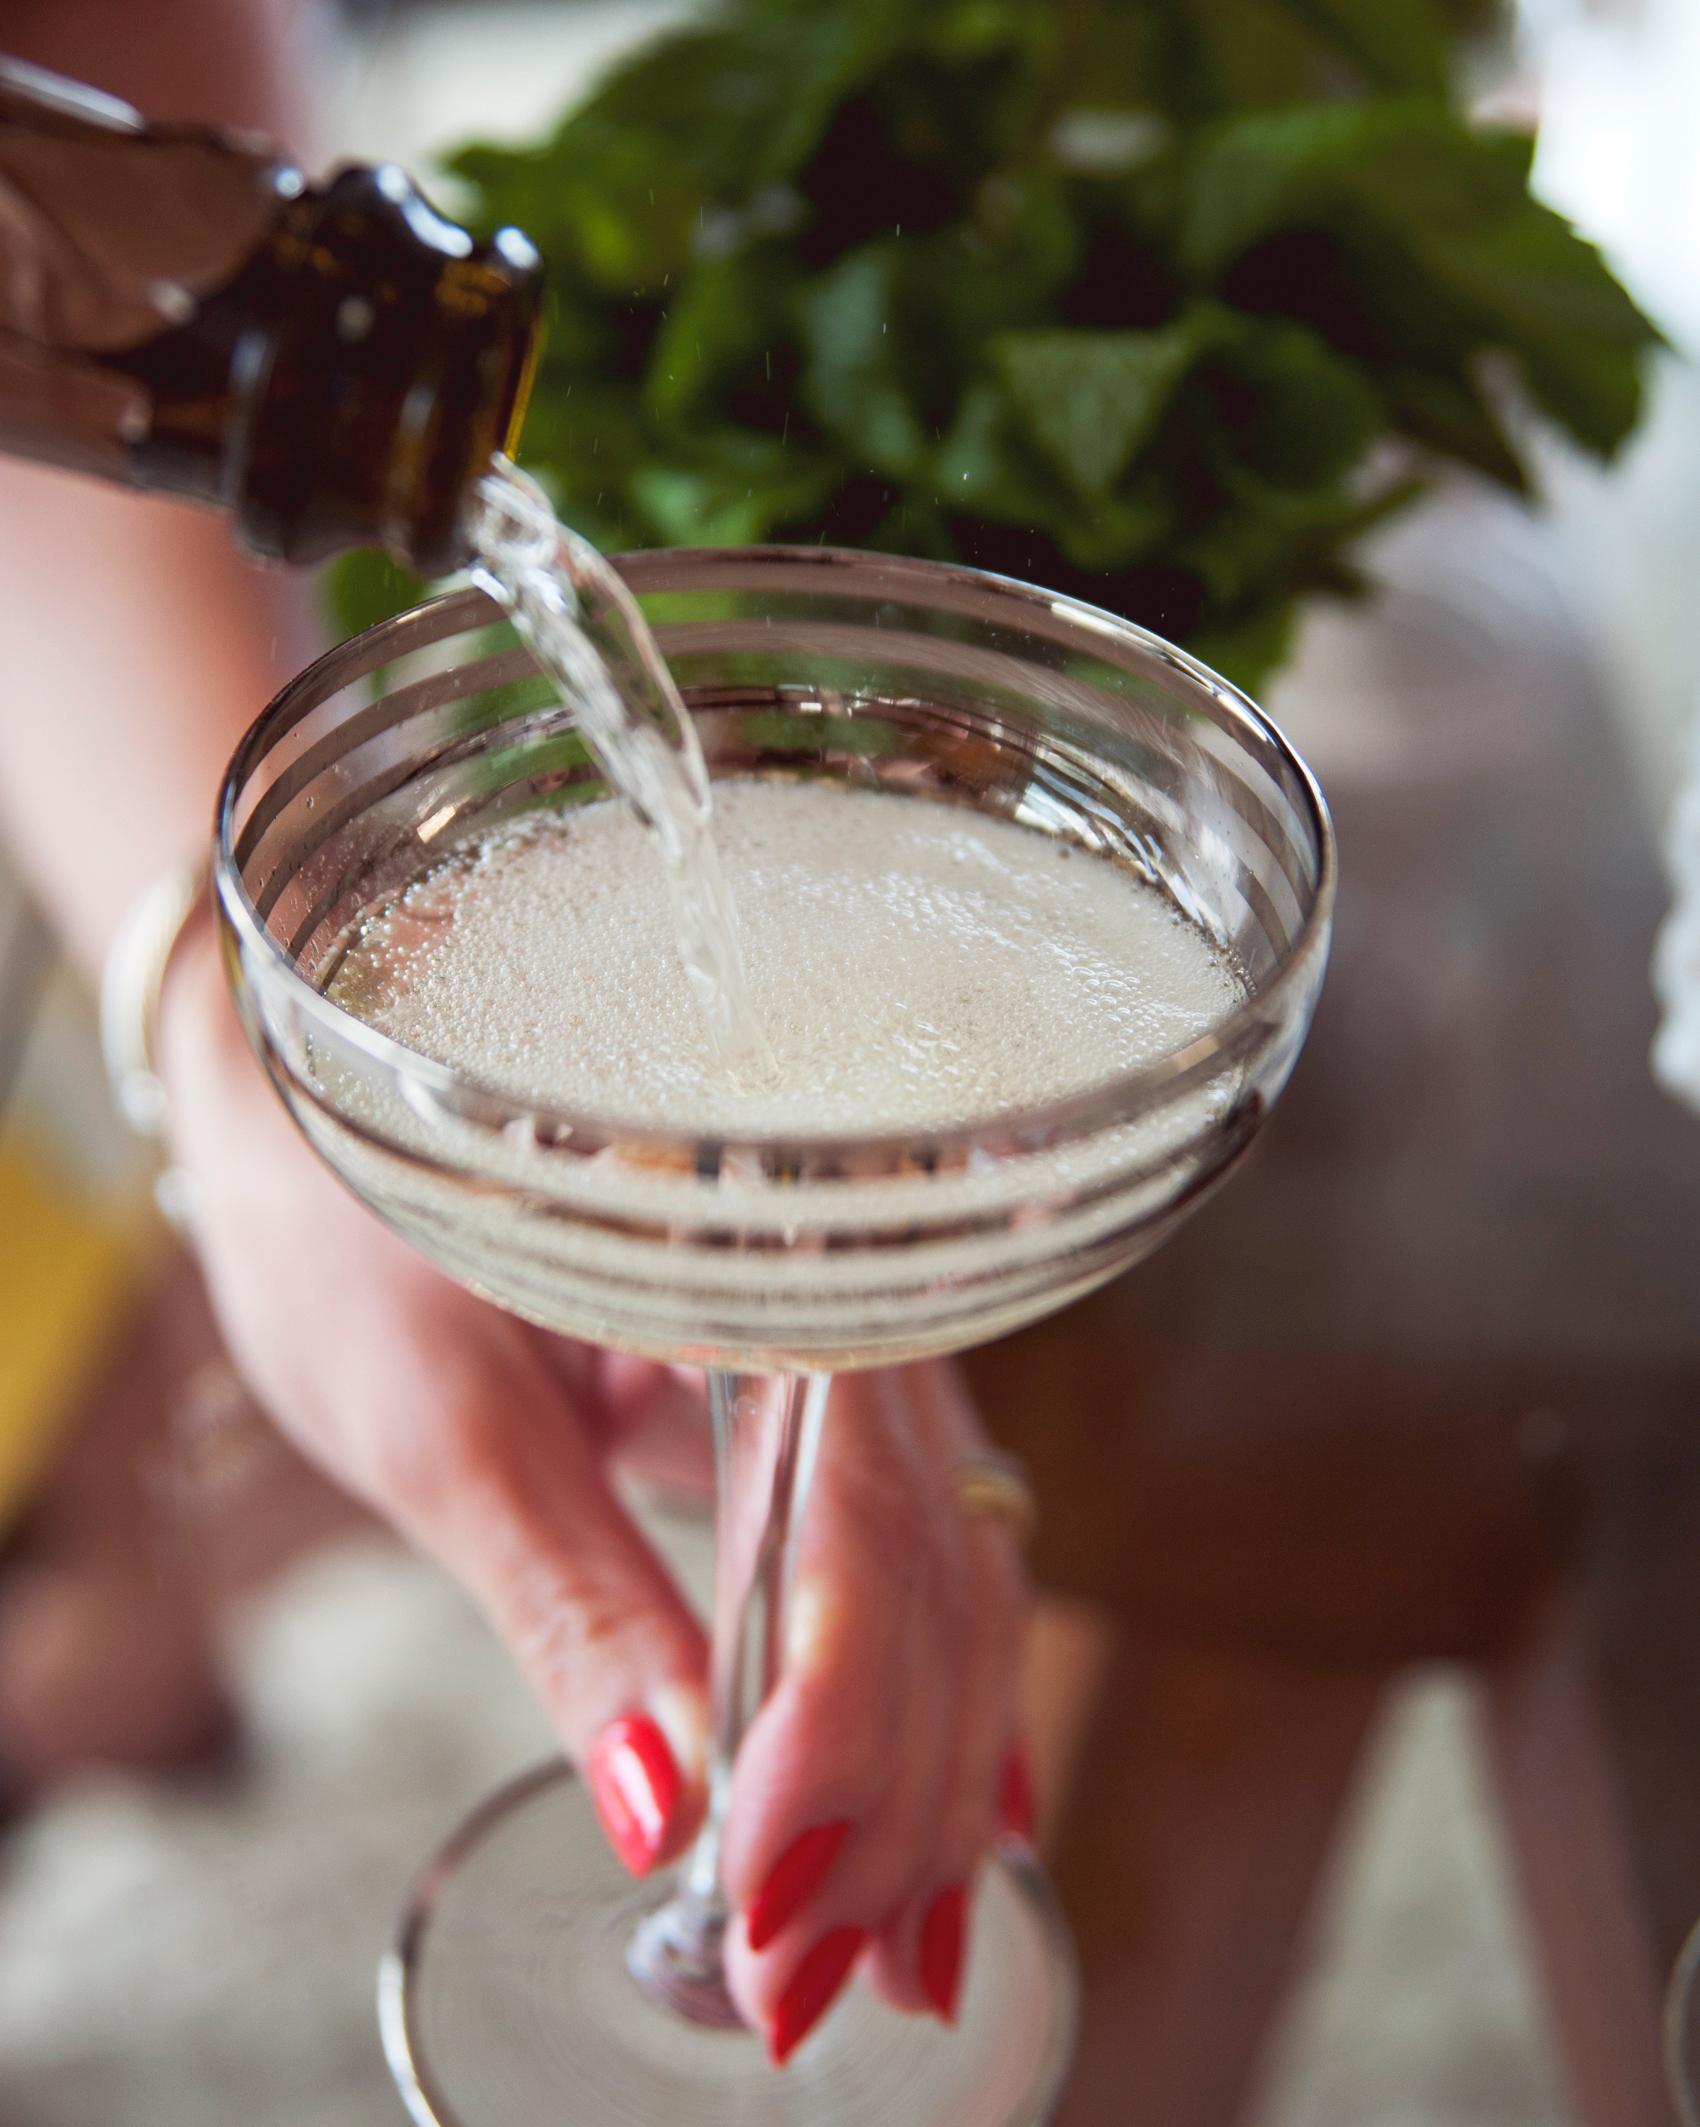 claire-thomas-bridal-shower-vintage-pour-drink-0814.jpg